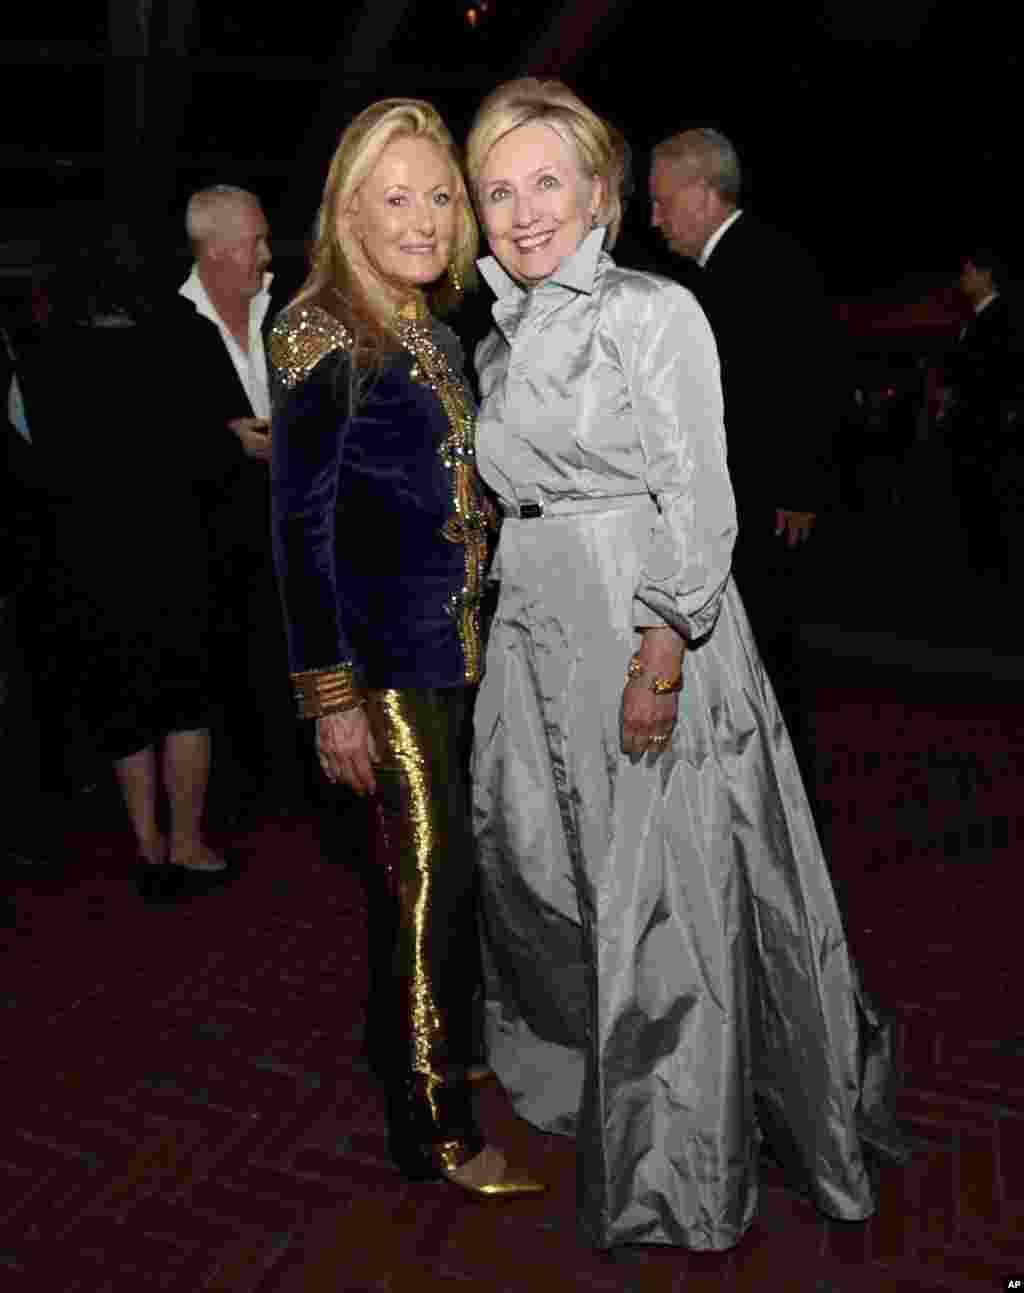 هیلاری کلینتون وزیر خارجه پیشین آمریکا در کنار ریکی لورن همسر رالف لورن طراح مد معروف آمریکایی در مراسم پنجاهمین سالگرد تأسیس برند رالف لورن در نیویورک